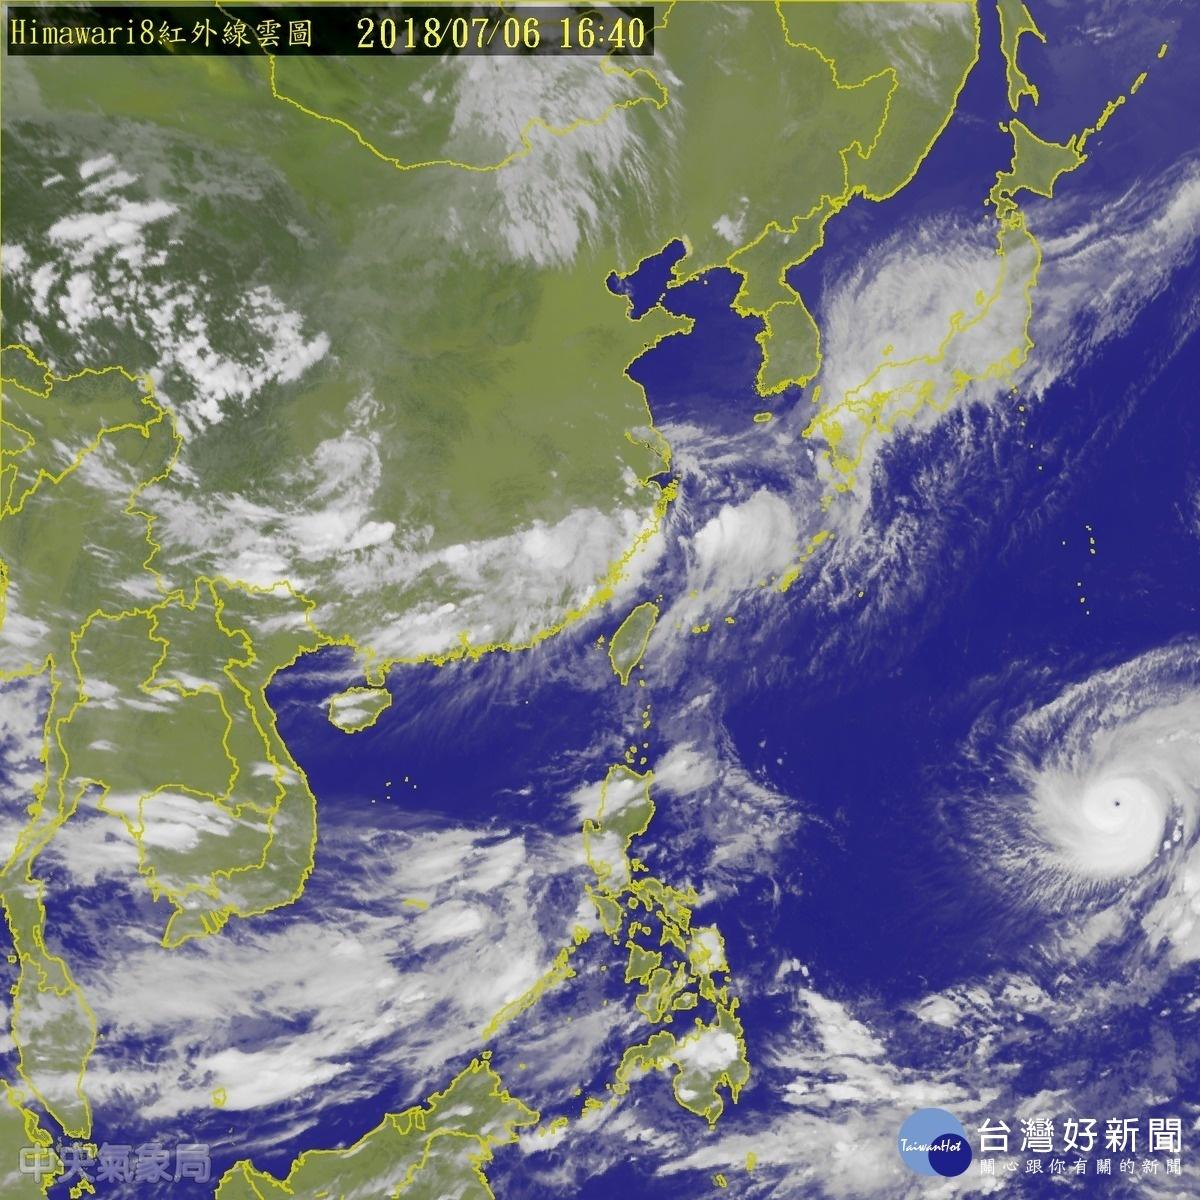 瑪莉亞升格強烈颱風 氣象局估朝琉球方向移動 暫無海警構成要件